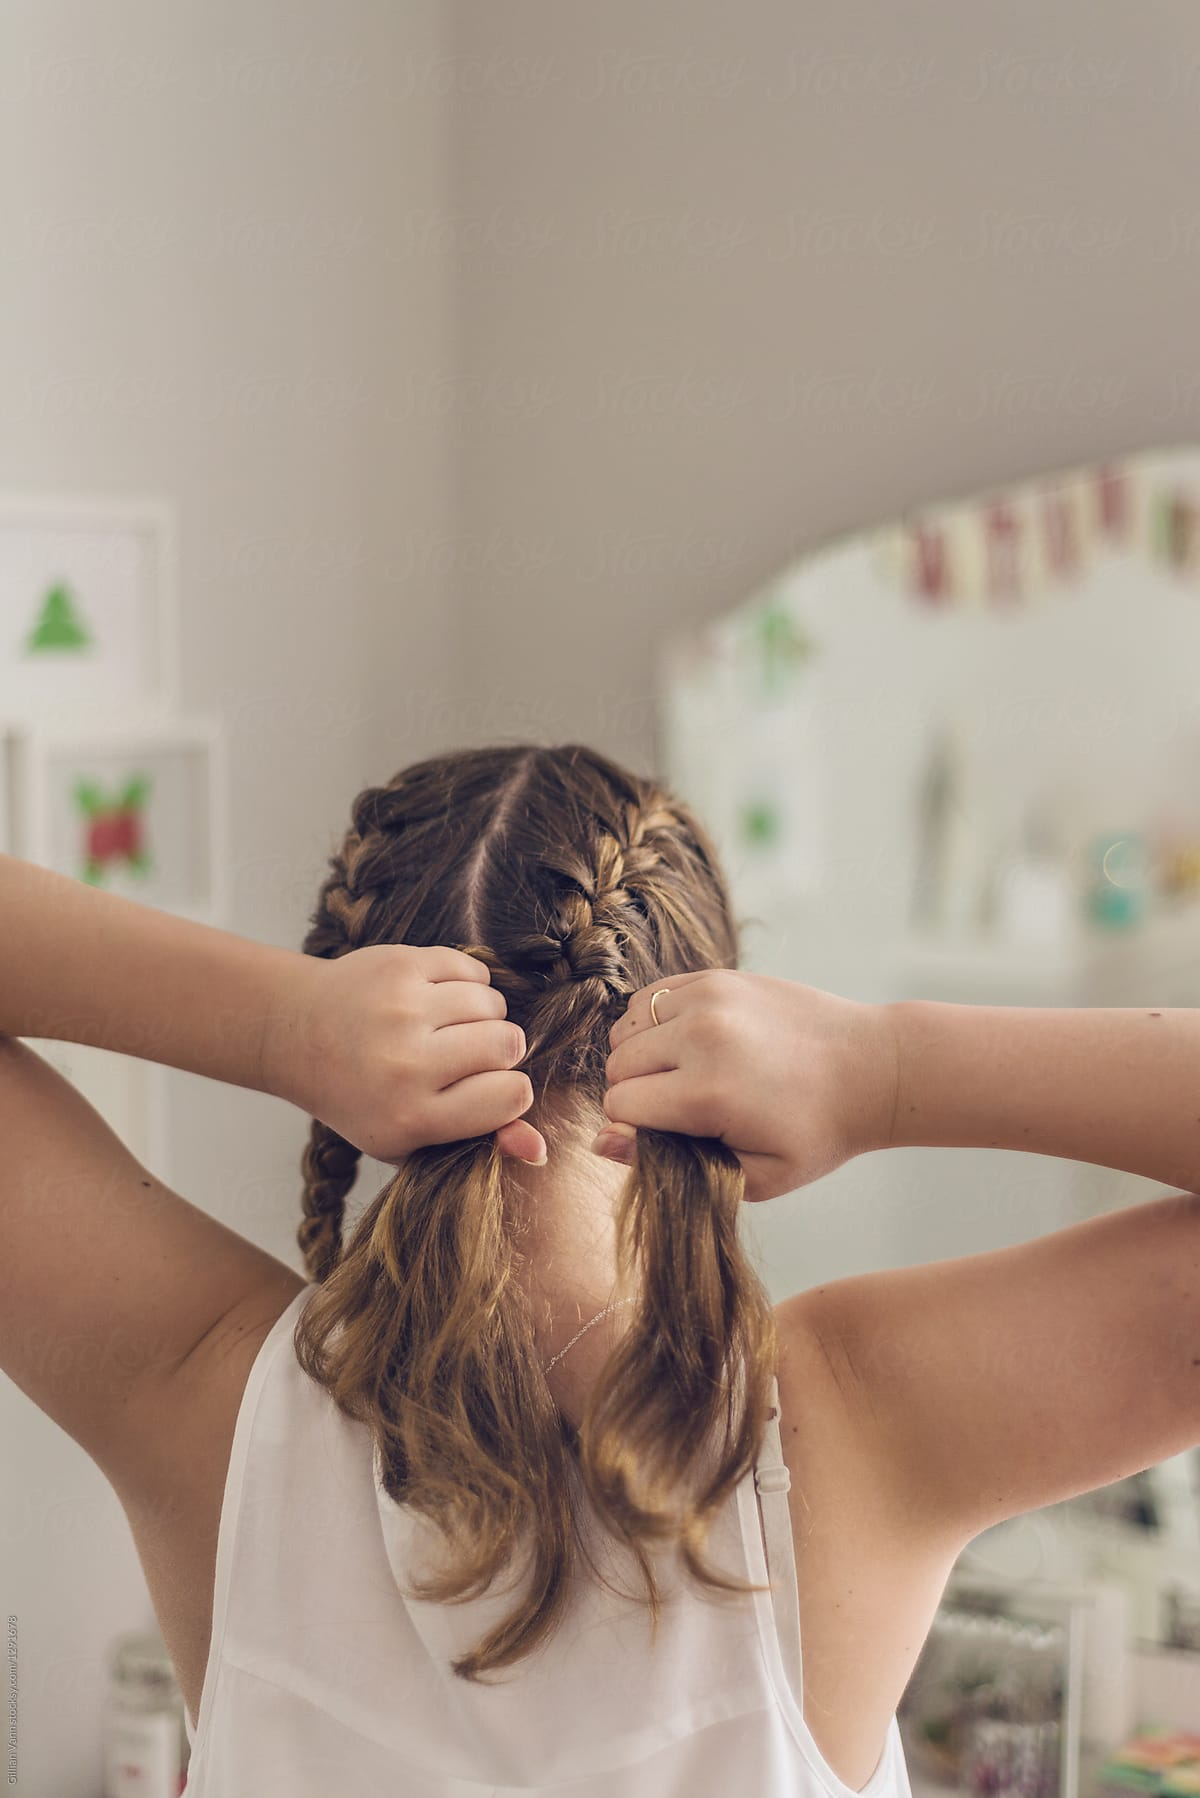 5d102a60b1a1 teen girl braiding her hair by Gillian Vann for Stocksy United